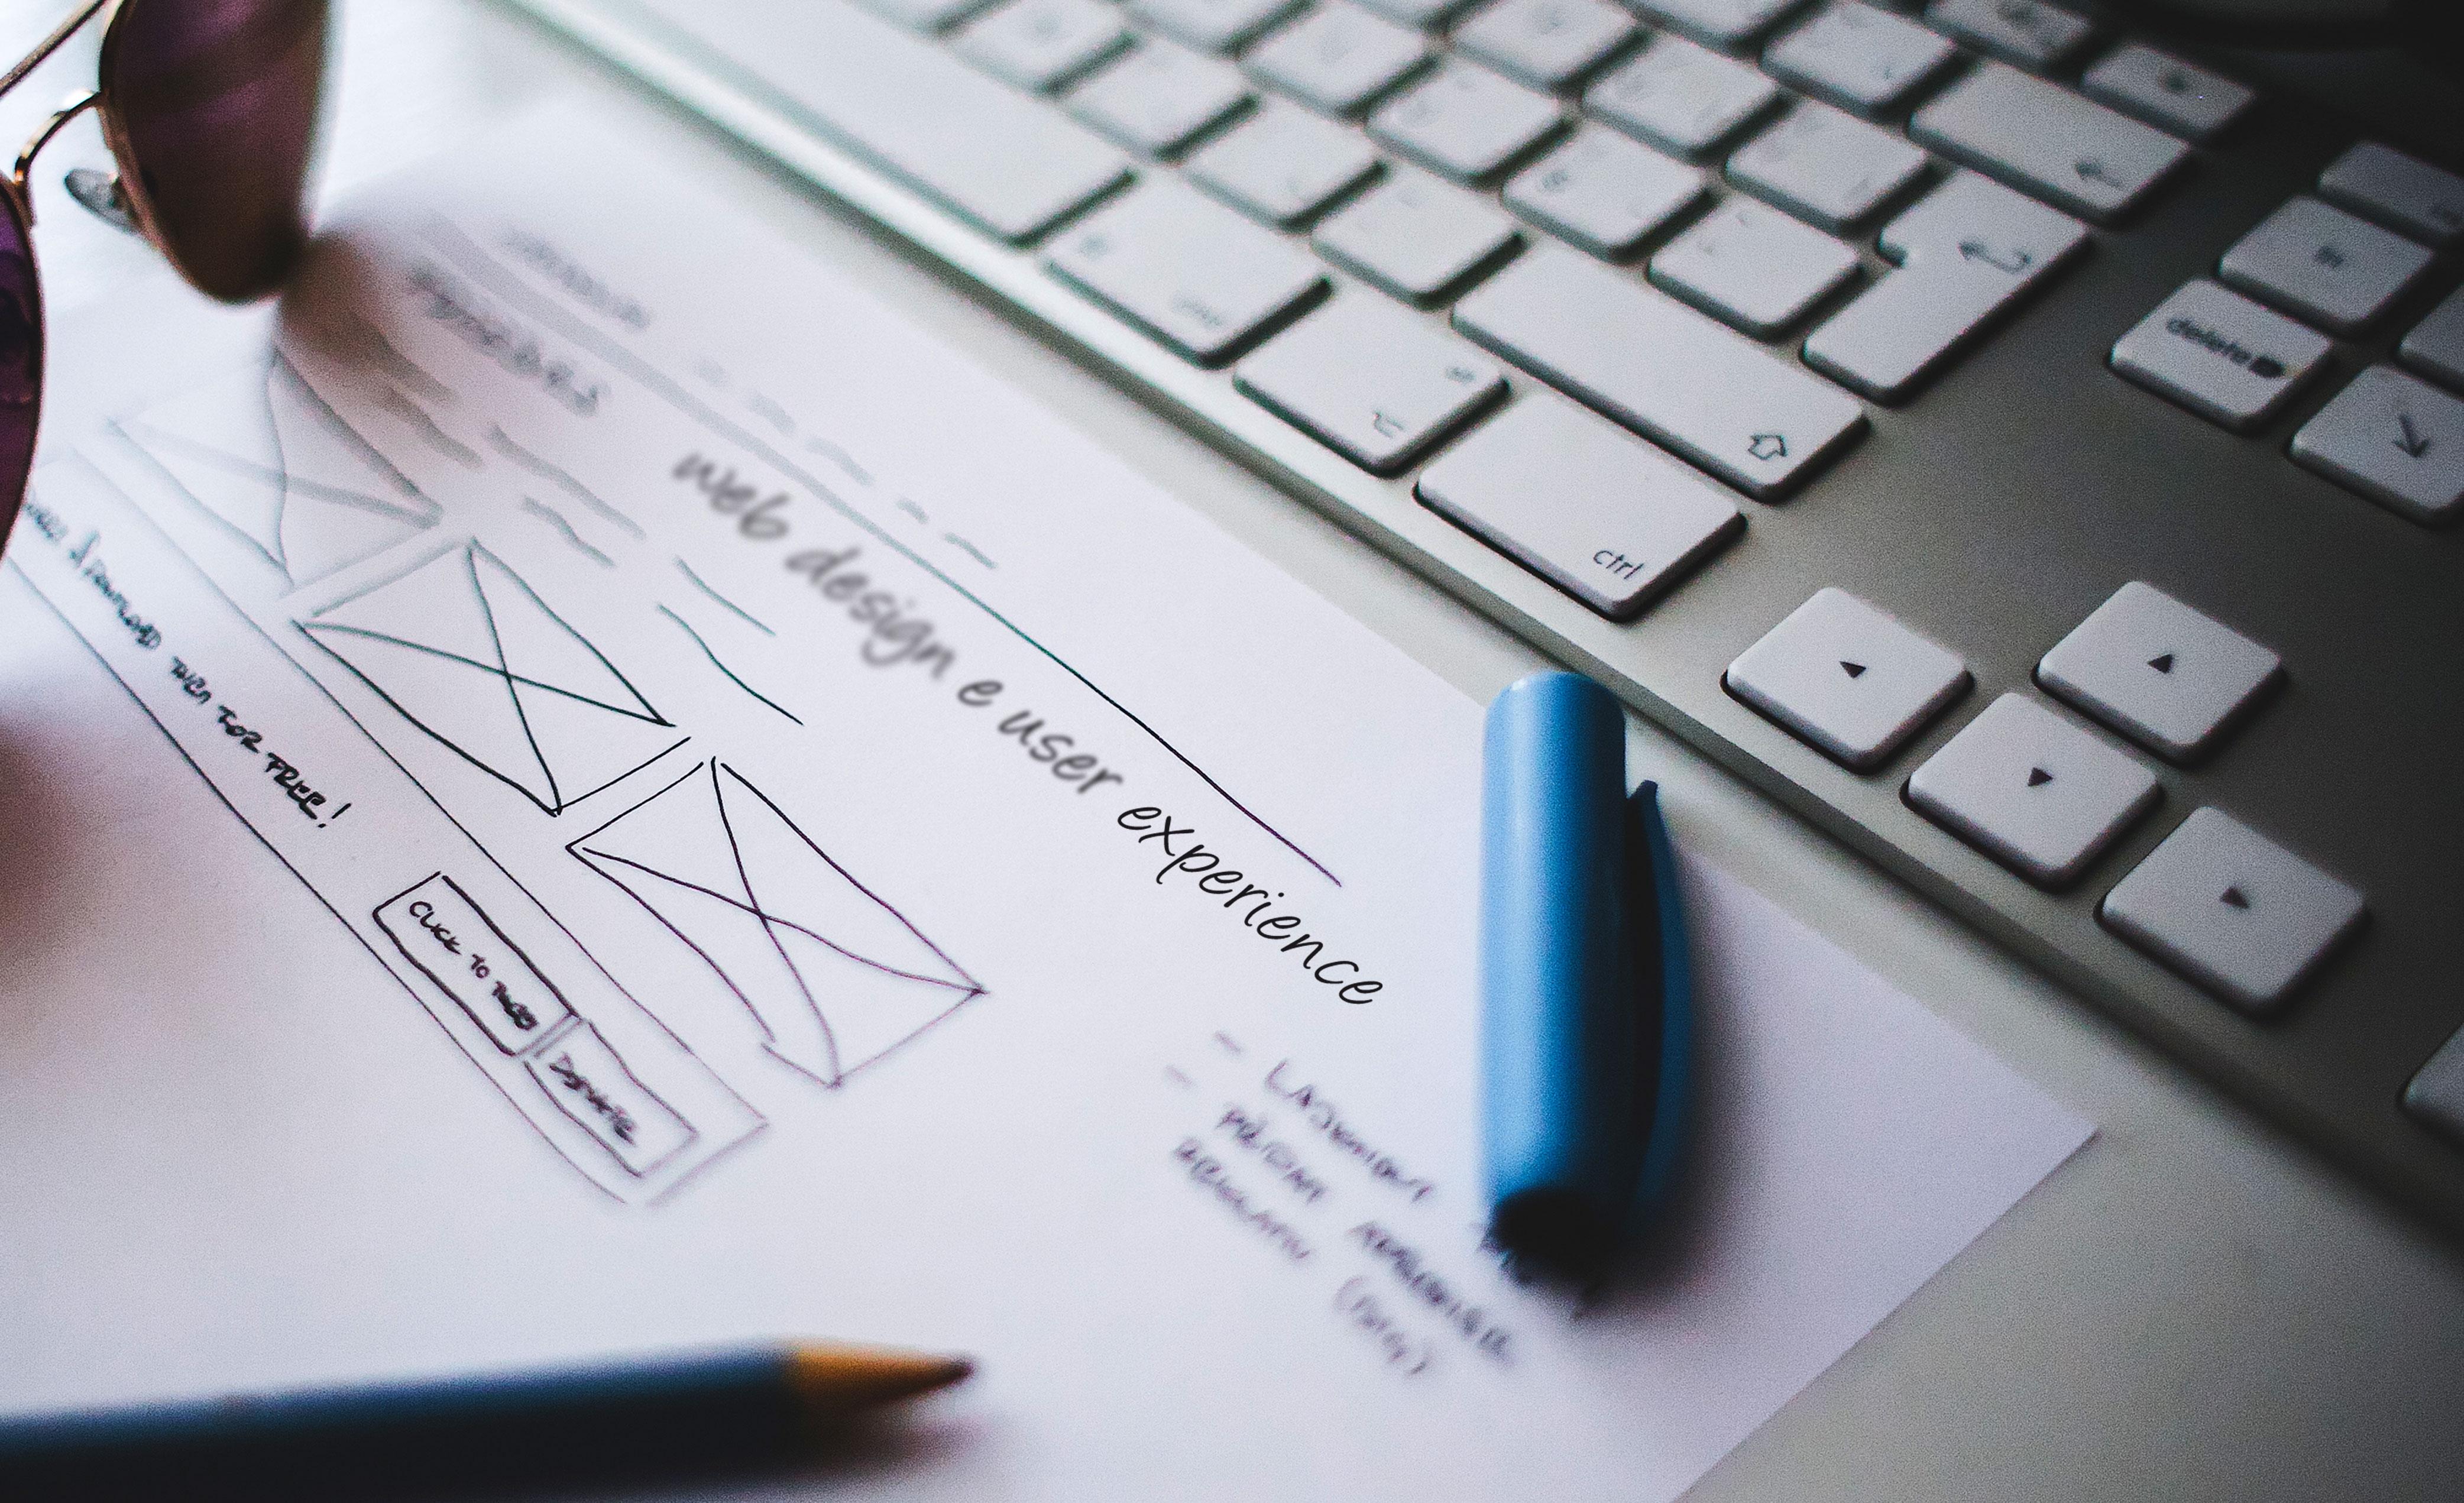 Web design 2017? Ecco i trend più in voga